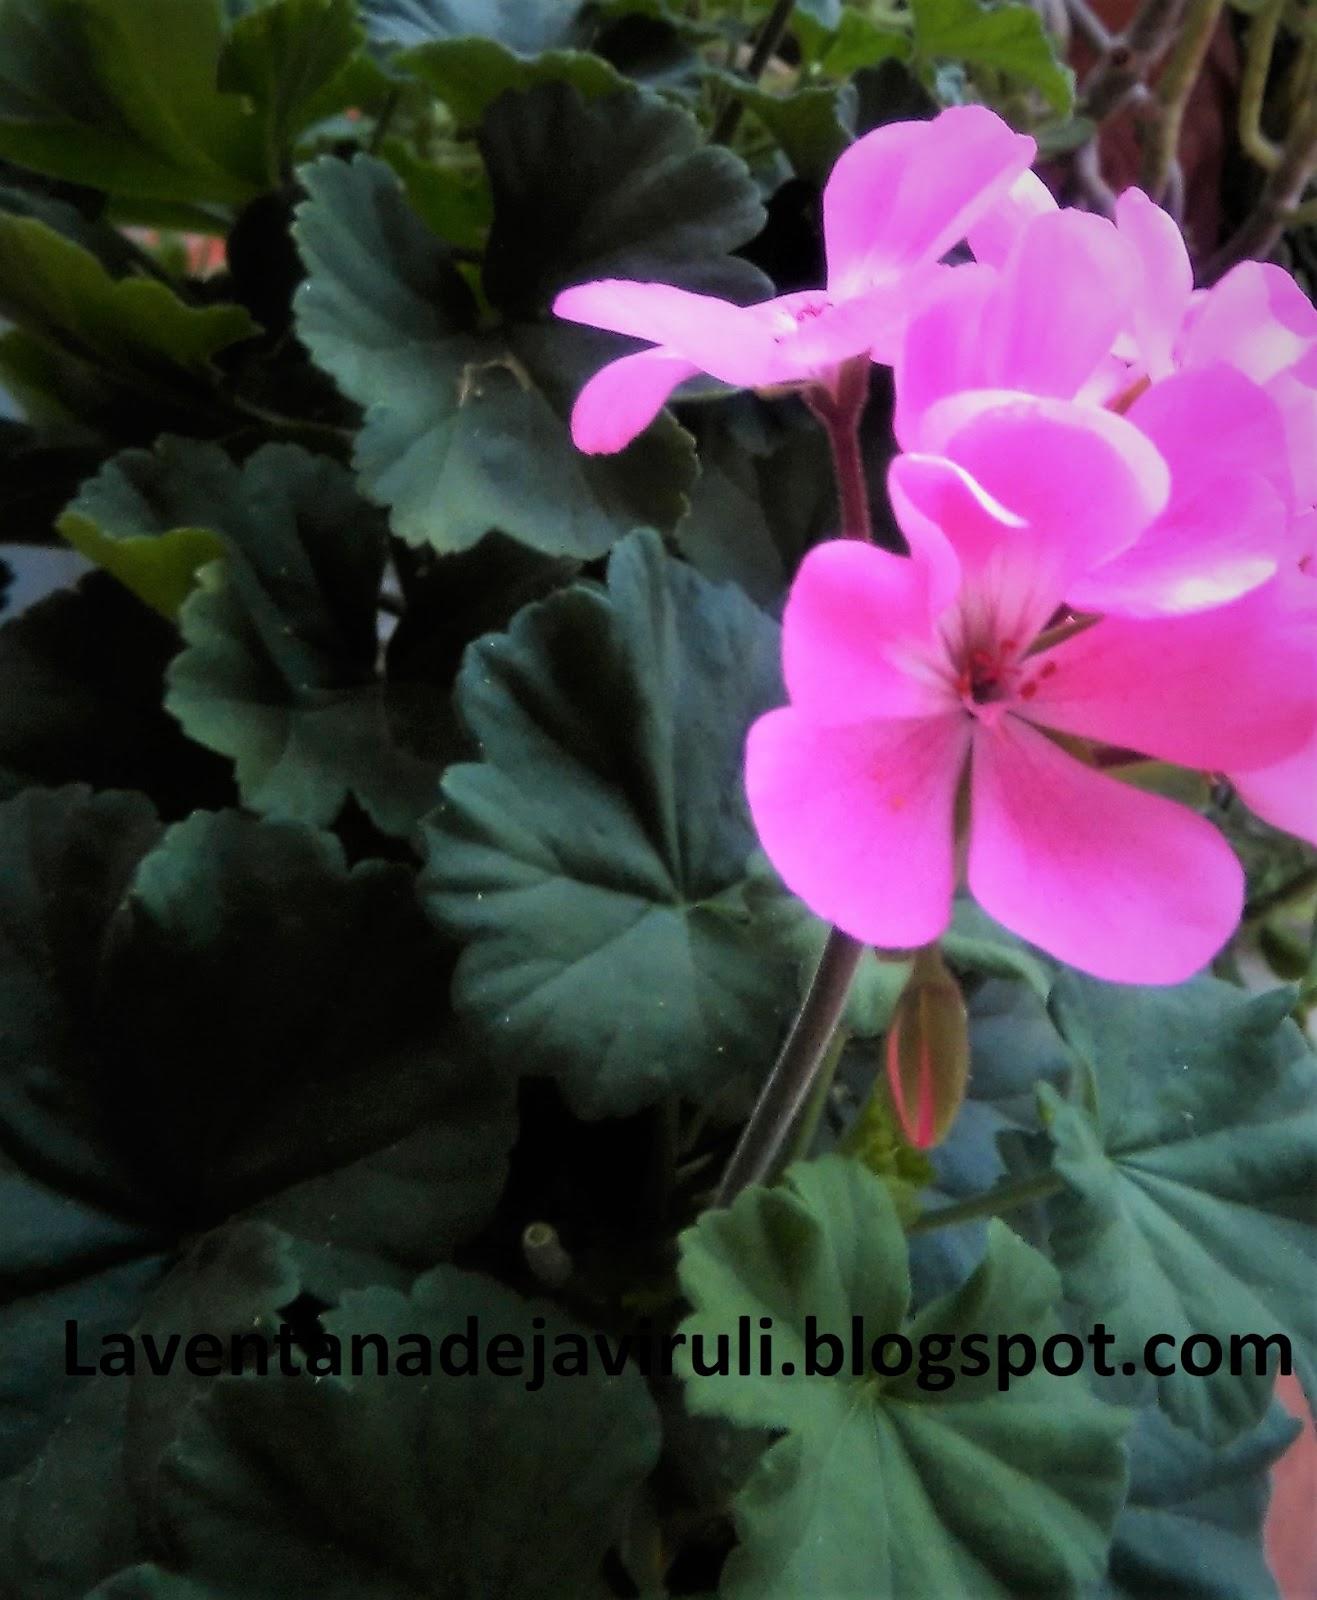 En Jardinería La Especie De Pelargonium Más Utilizada Es Comúnmente Llamado  Geranio De Jardín, Pelargonium X Hortorum ( L. H. Bailey) O Pelargonium  Zonale.